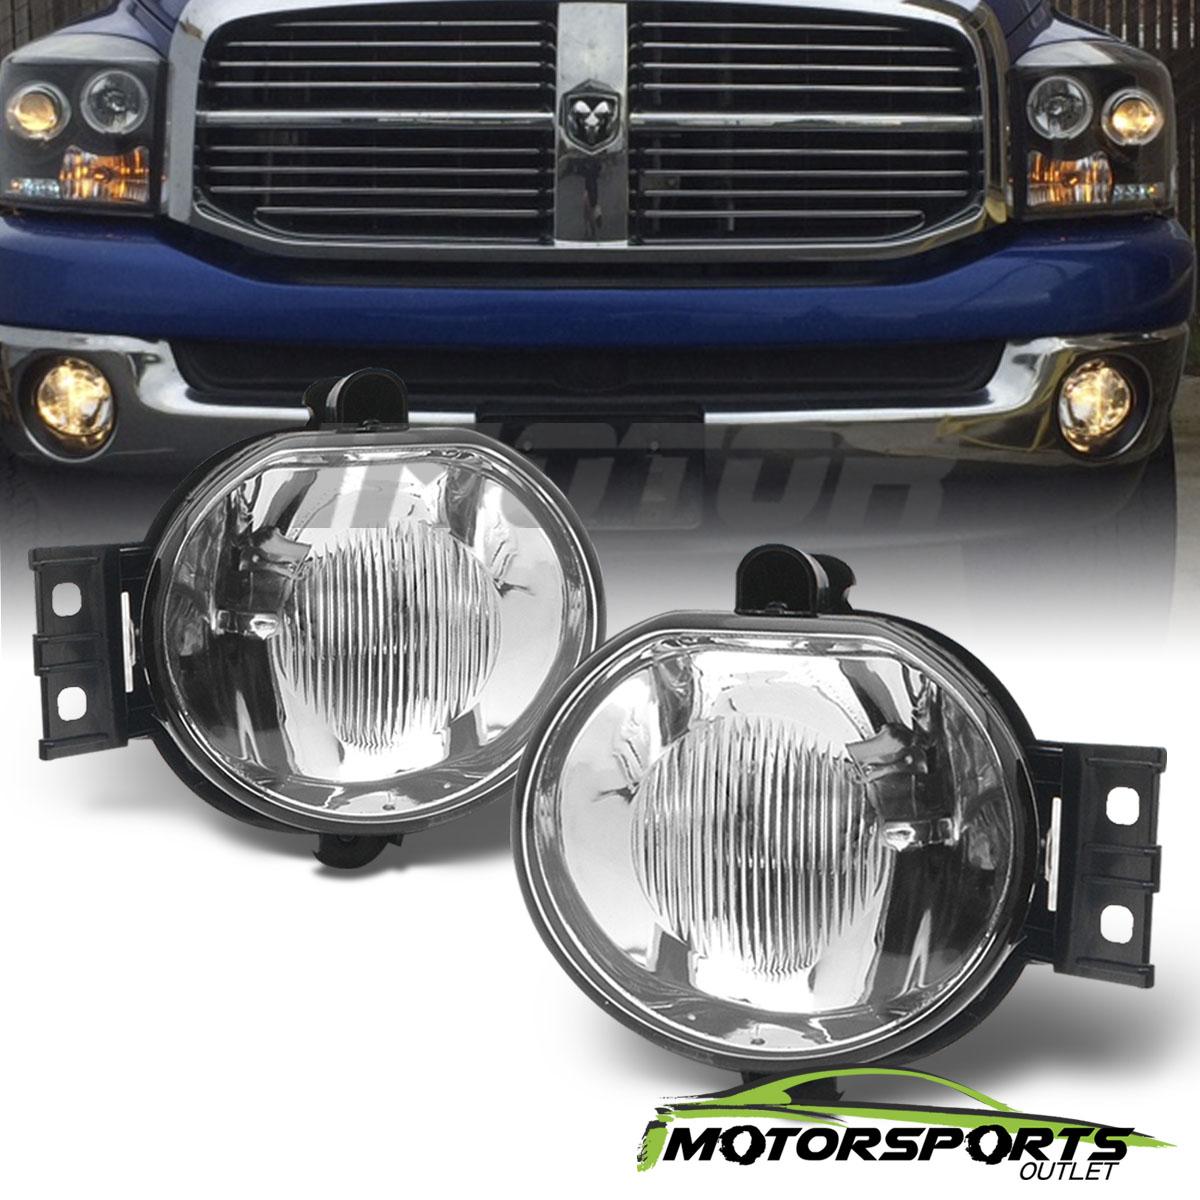 for Dodge 2003-2009 Ram 2500 for Dodge 2003-2009 Ram 3500 MAYASAF DODGE Clear Lens Fog Light Replacement Fog Lamp Set for Dodge 2002-2008 Ram 1500